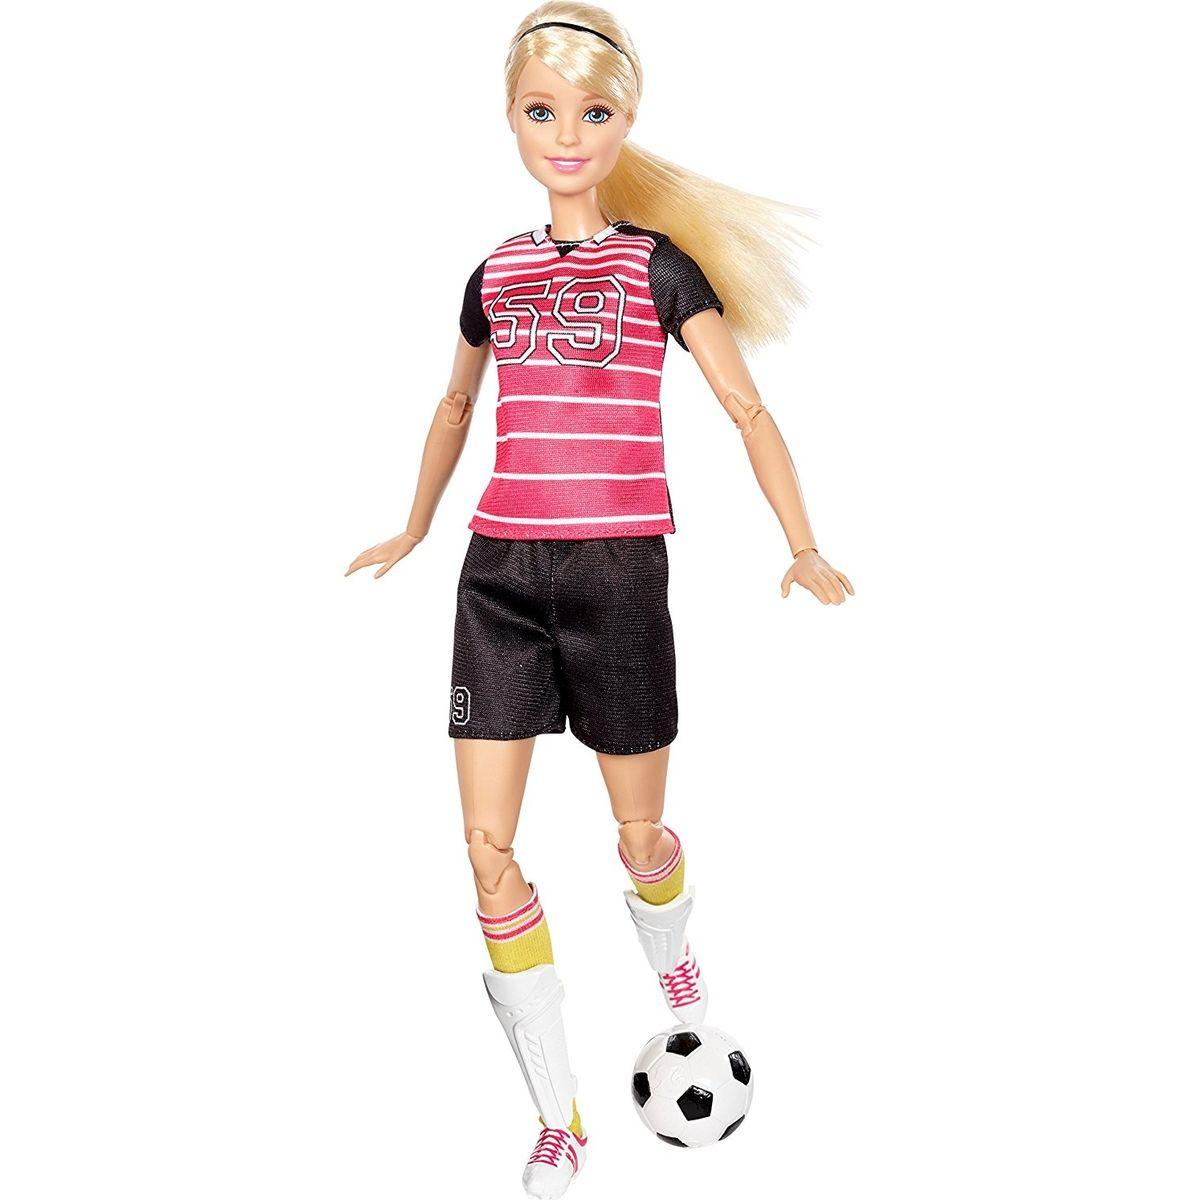 Mattel Barbie sportovkyně Fotbalistka blondýnka